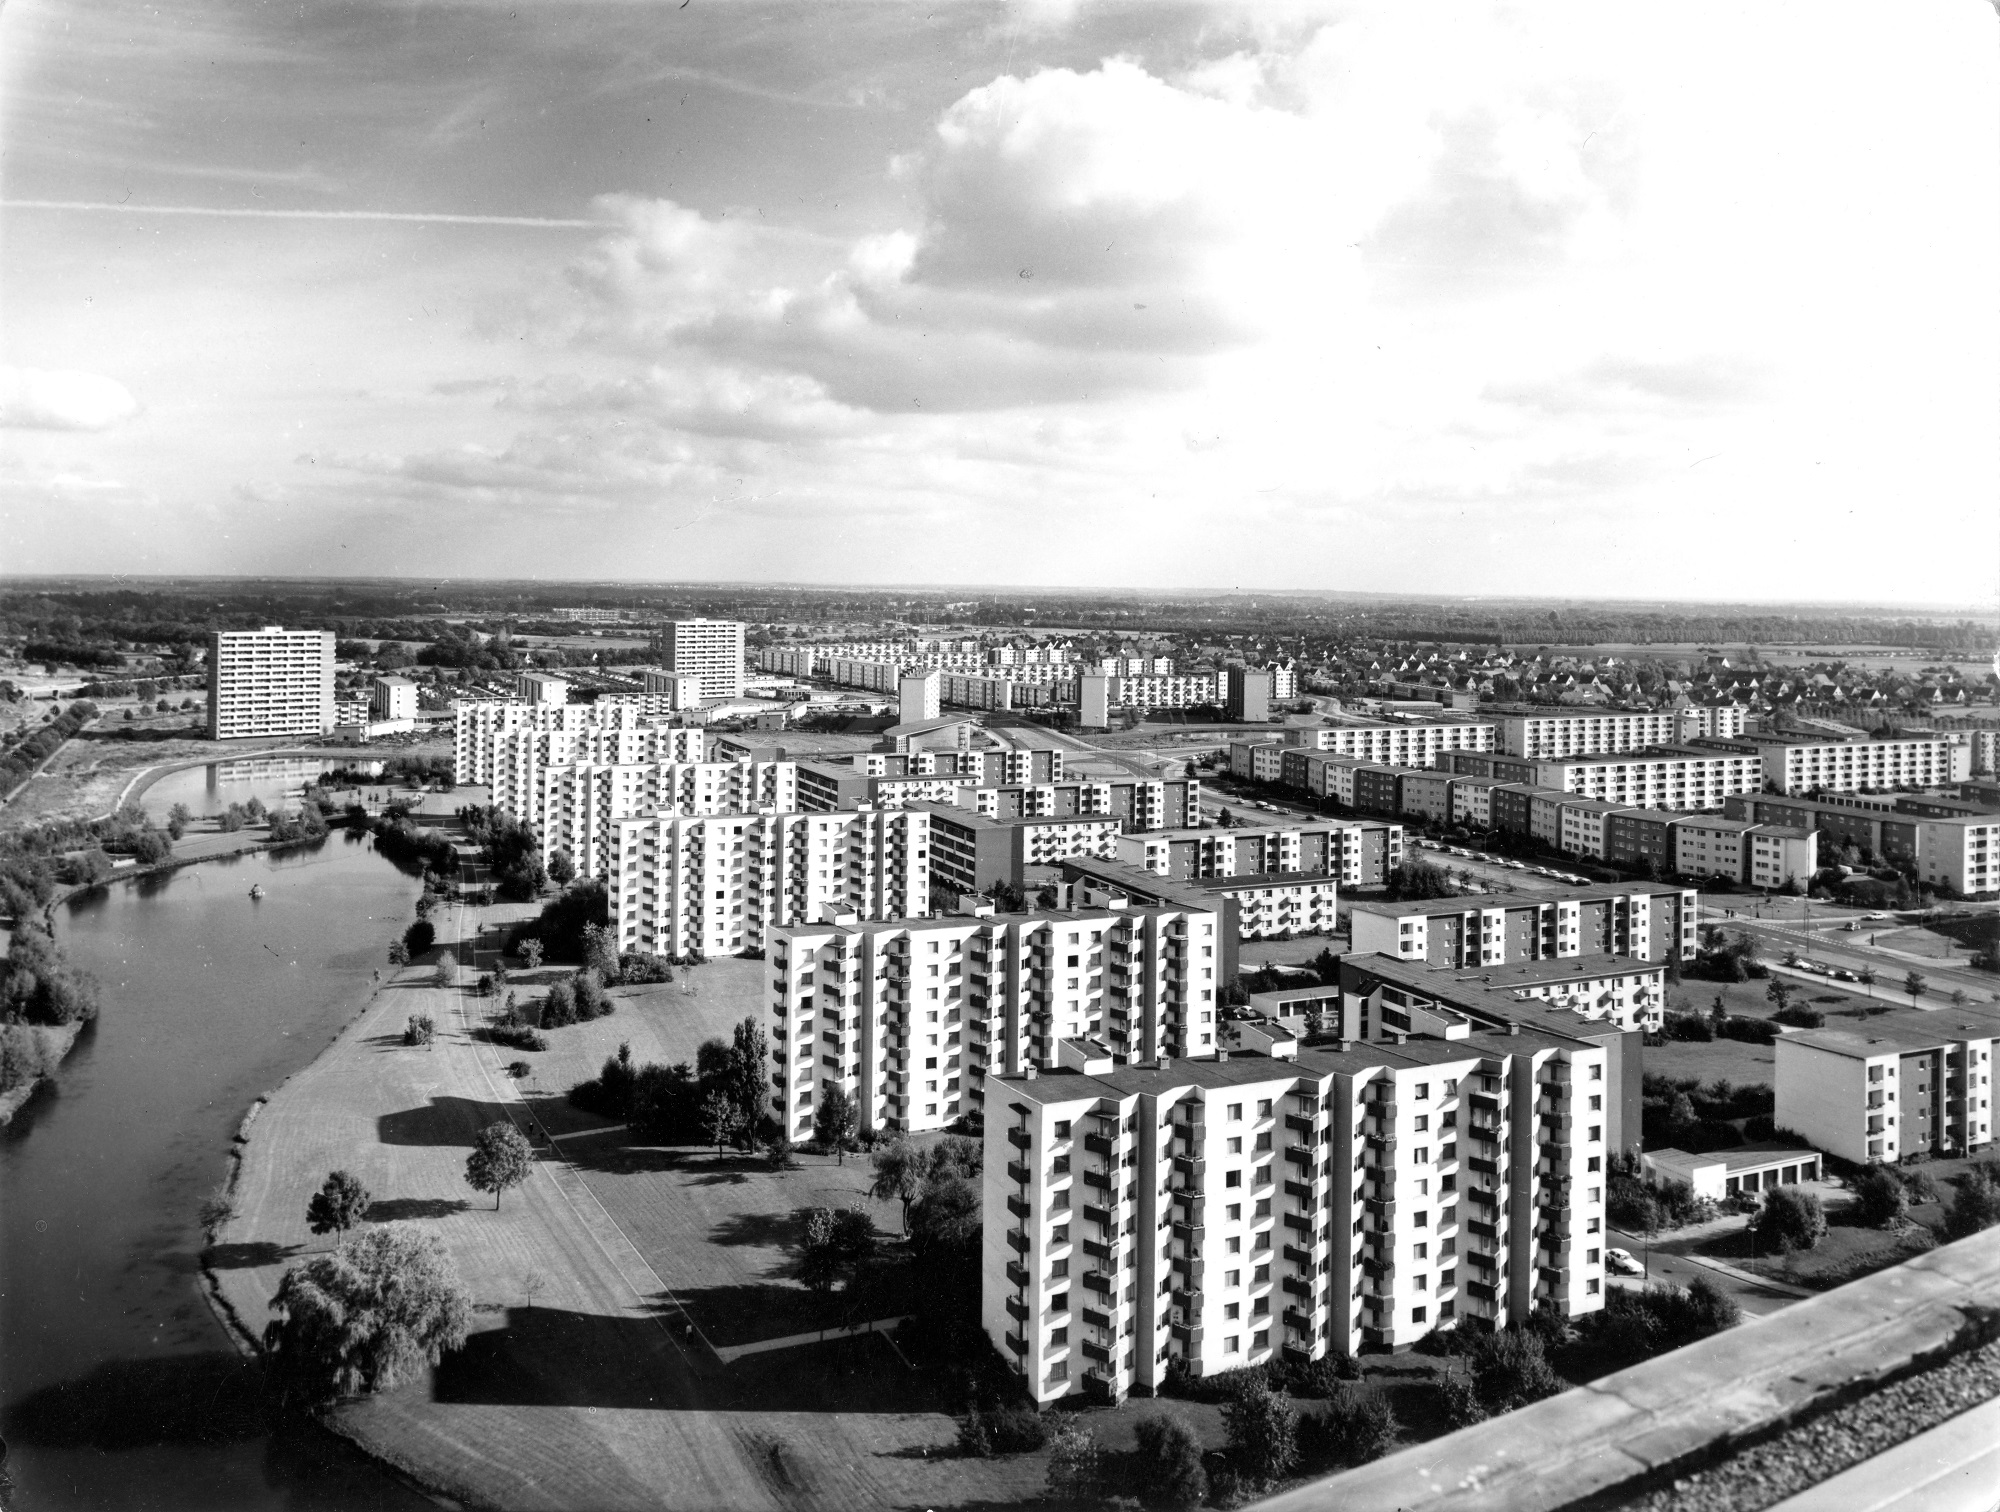 Neue Vahr Bremen, 1975-1962. © Hamburgisches Architekturarchiv